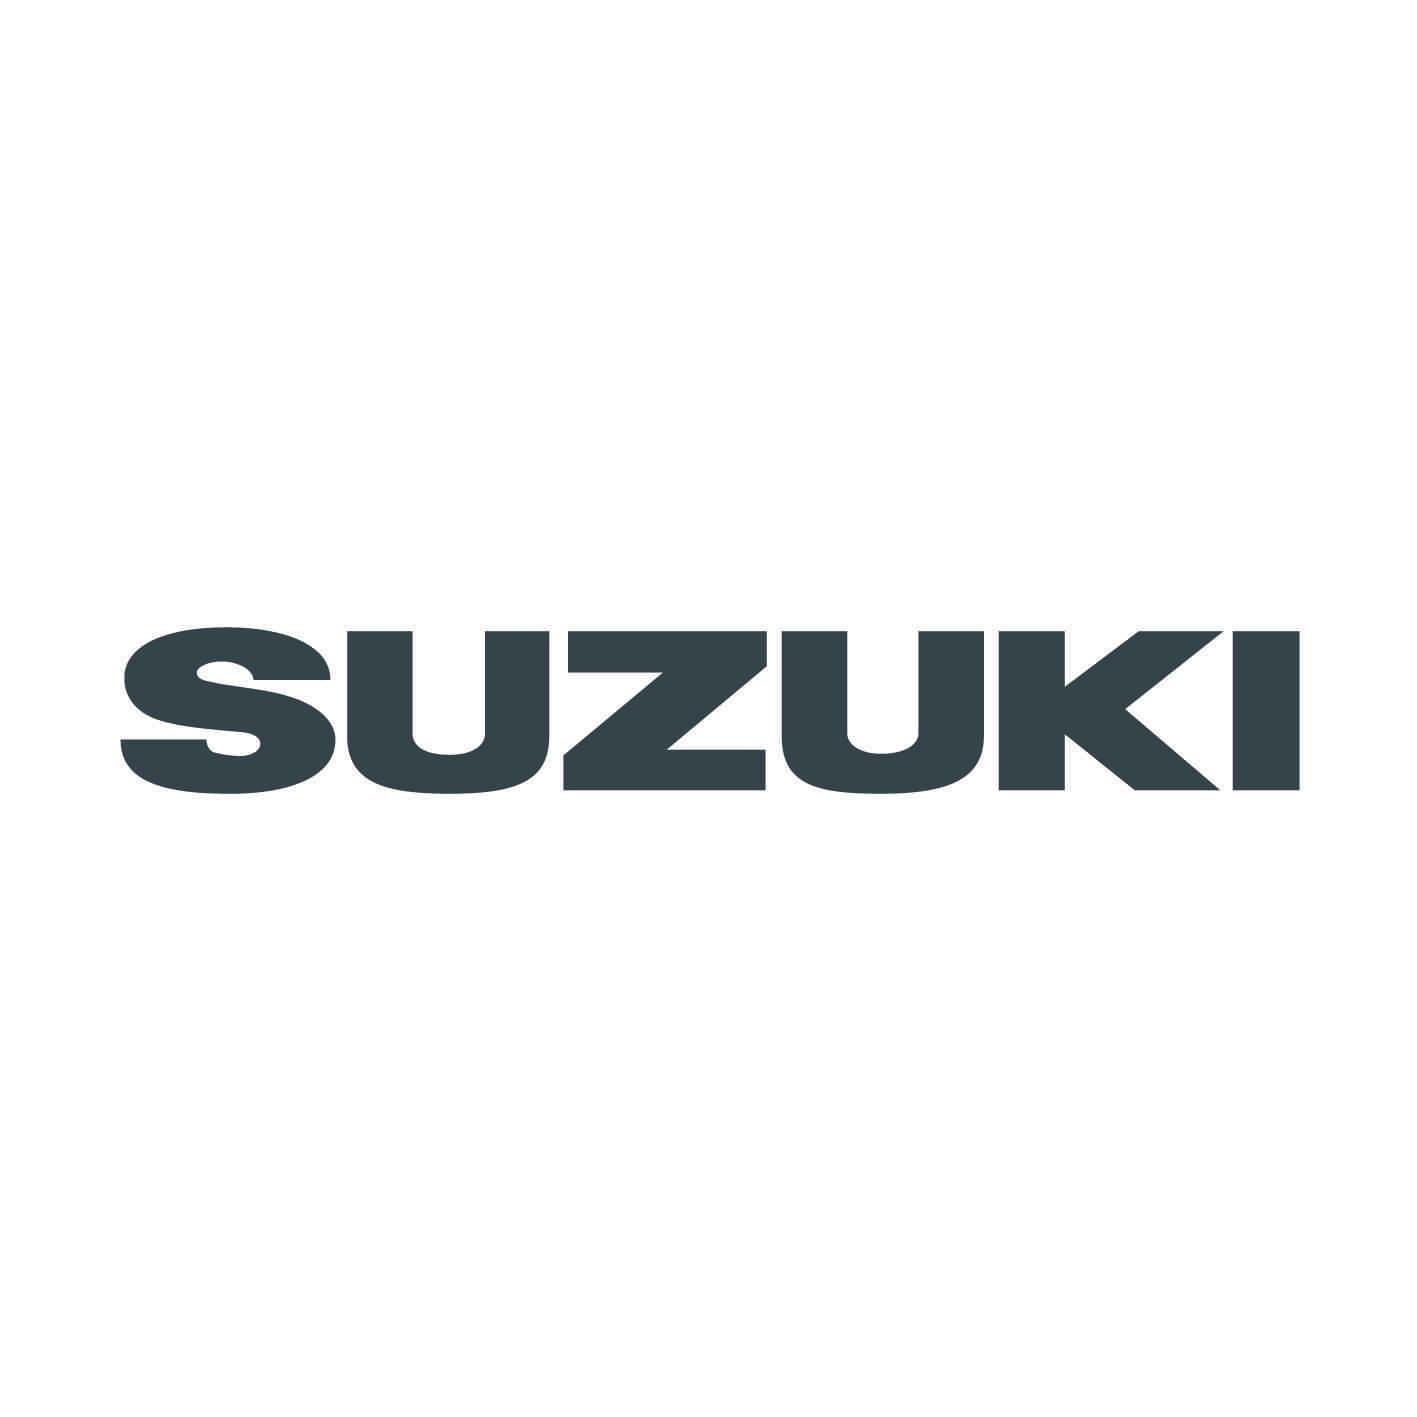 suzuki-ref41-stickers-moto-casque-scooter-sticker-autocollant-adhesifs